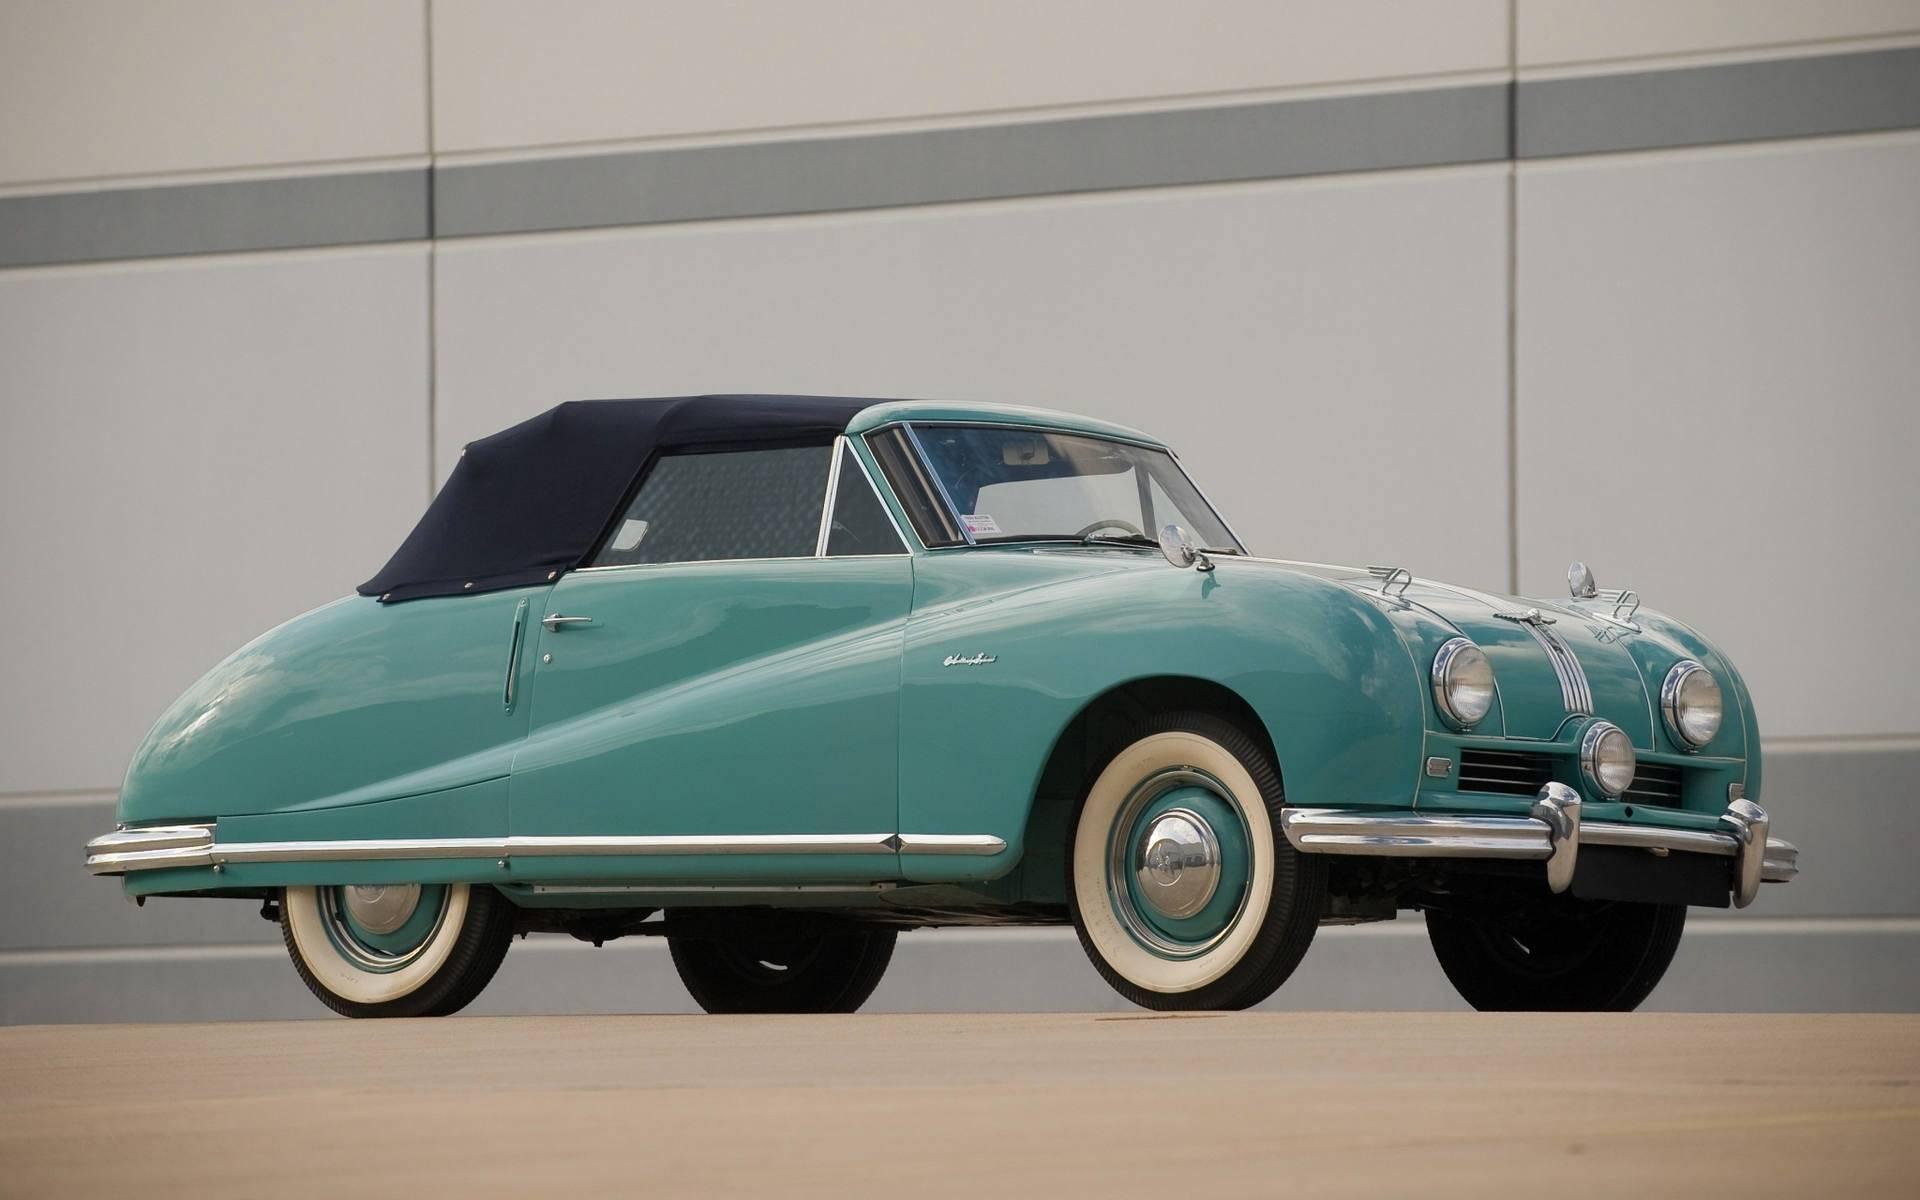 Wallpaper Hd Classic Car